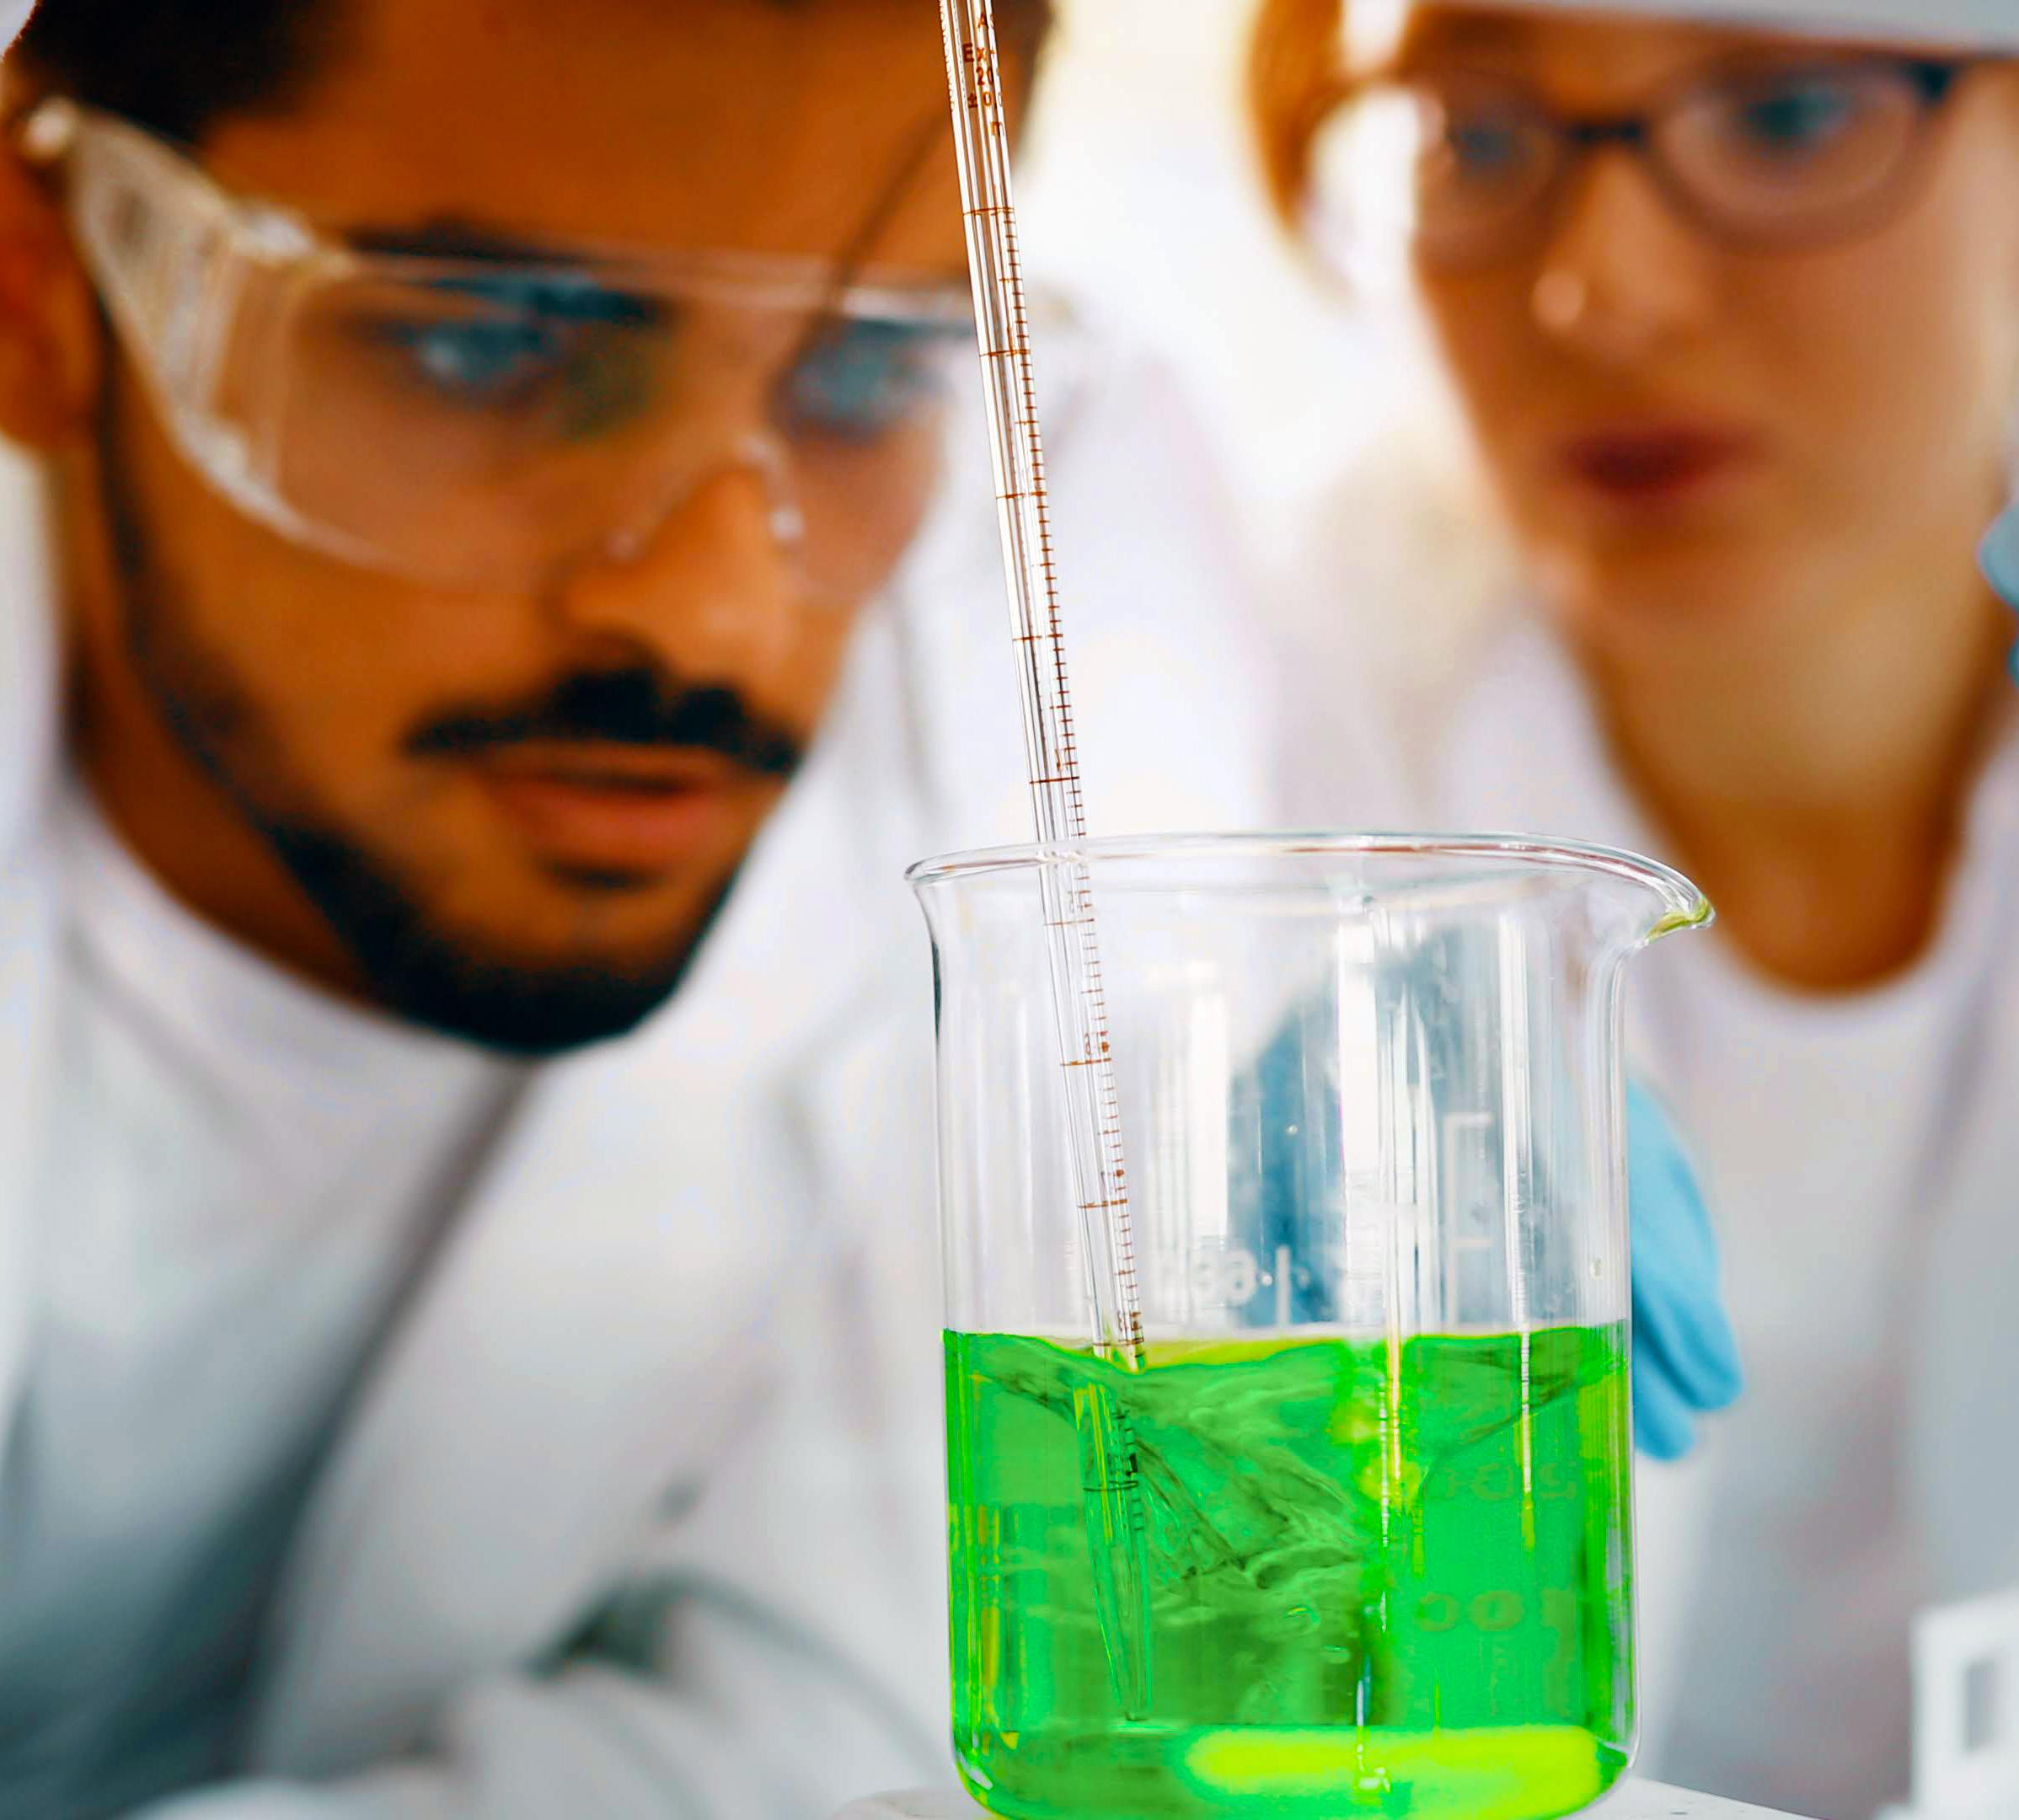 מדע והנדסת חומרים וכימיה - תואר כפול